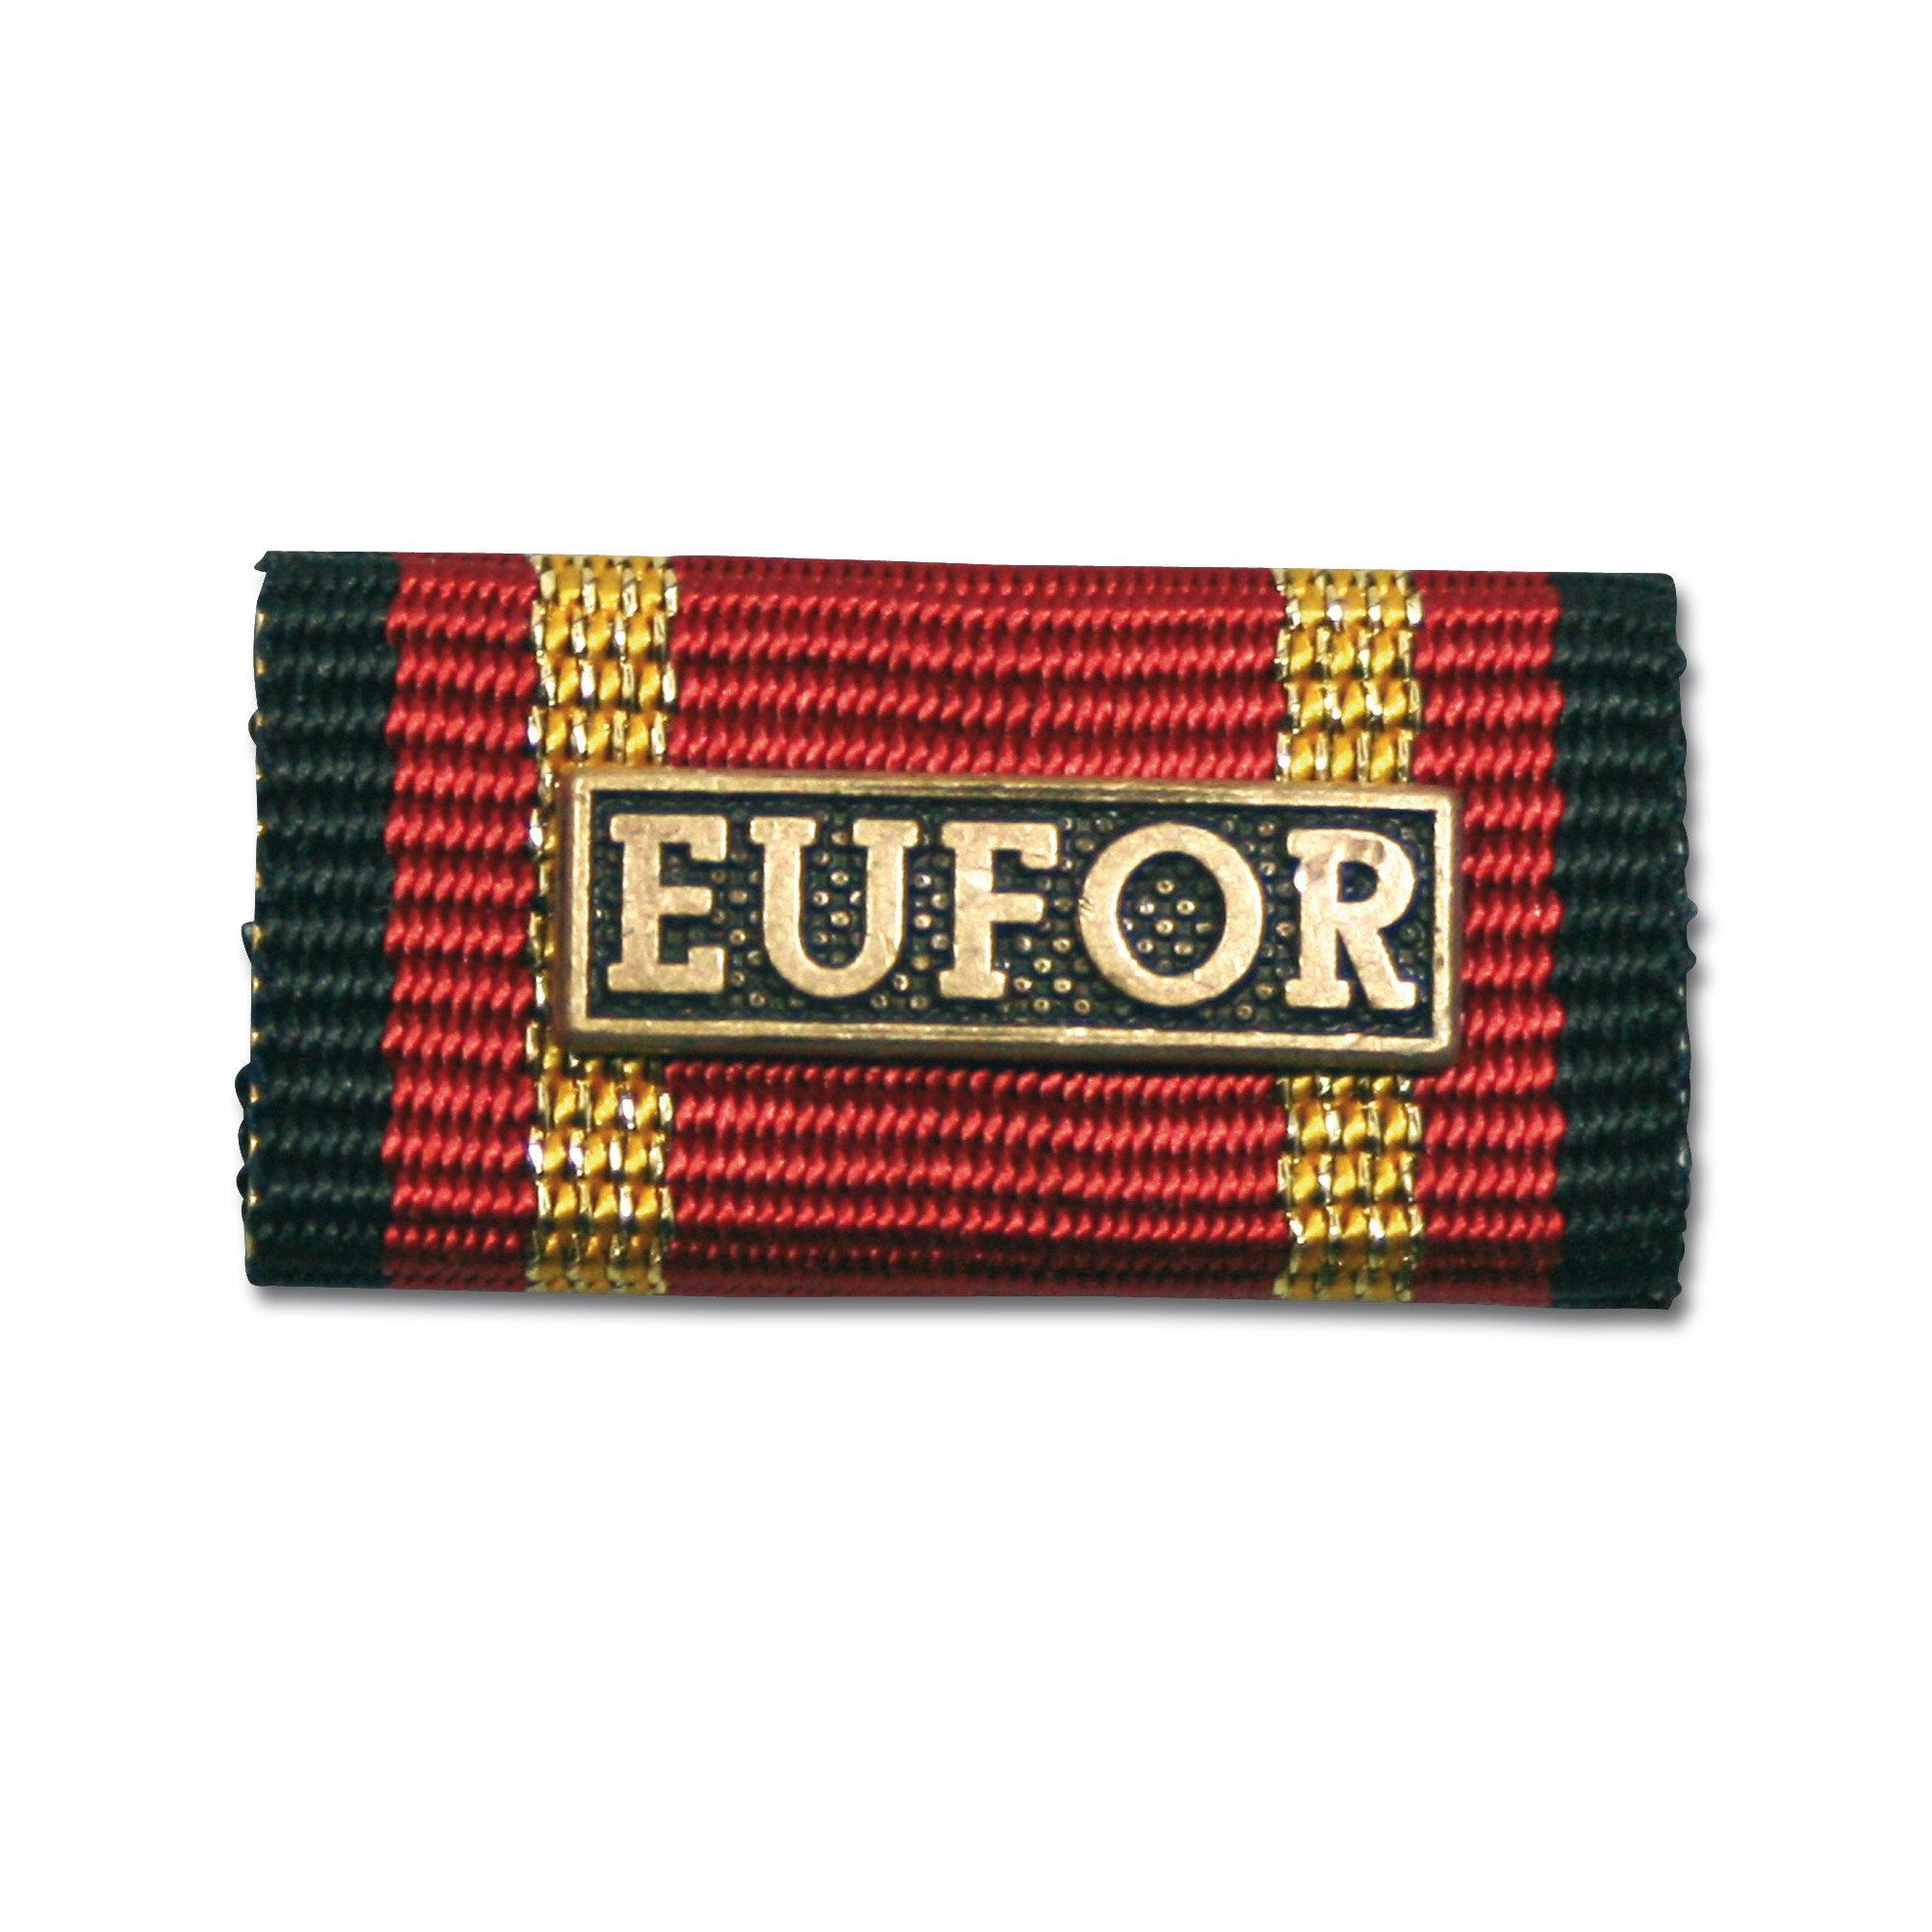 Ordensspange Auslandseinsatz EUFOR bronze